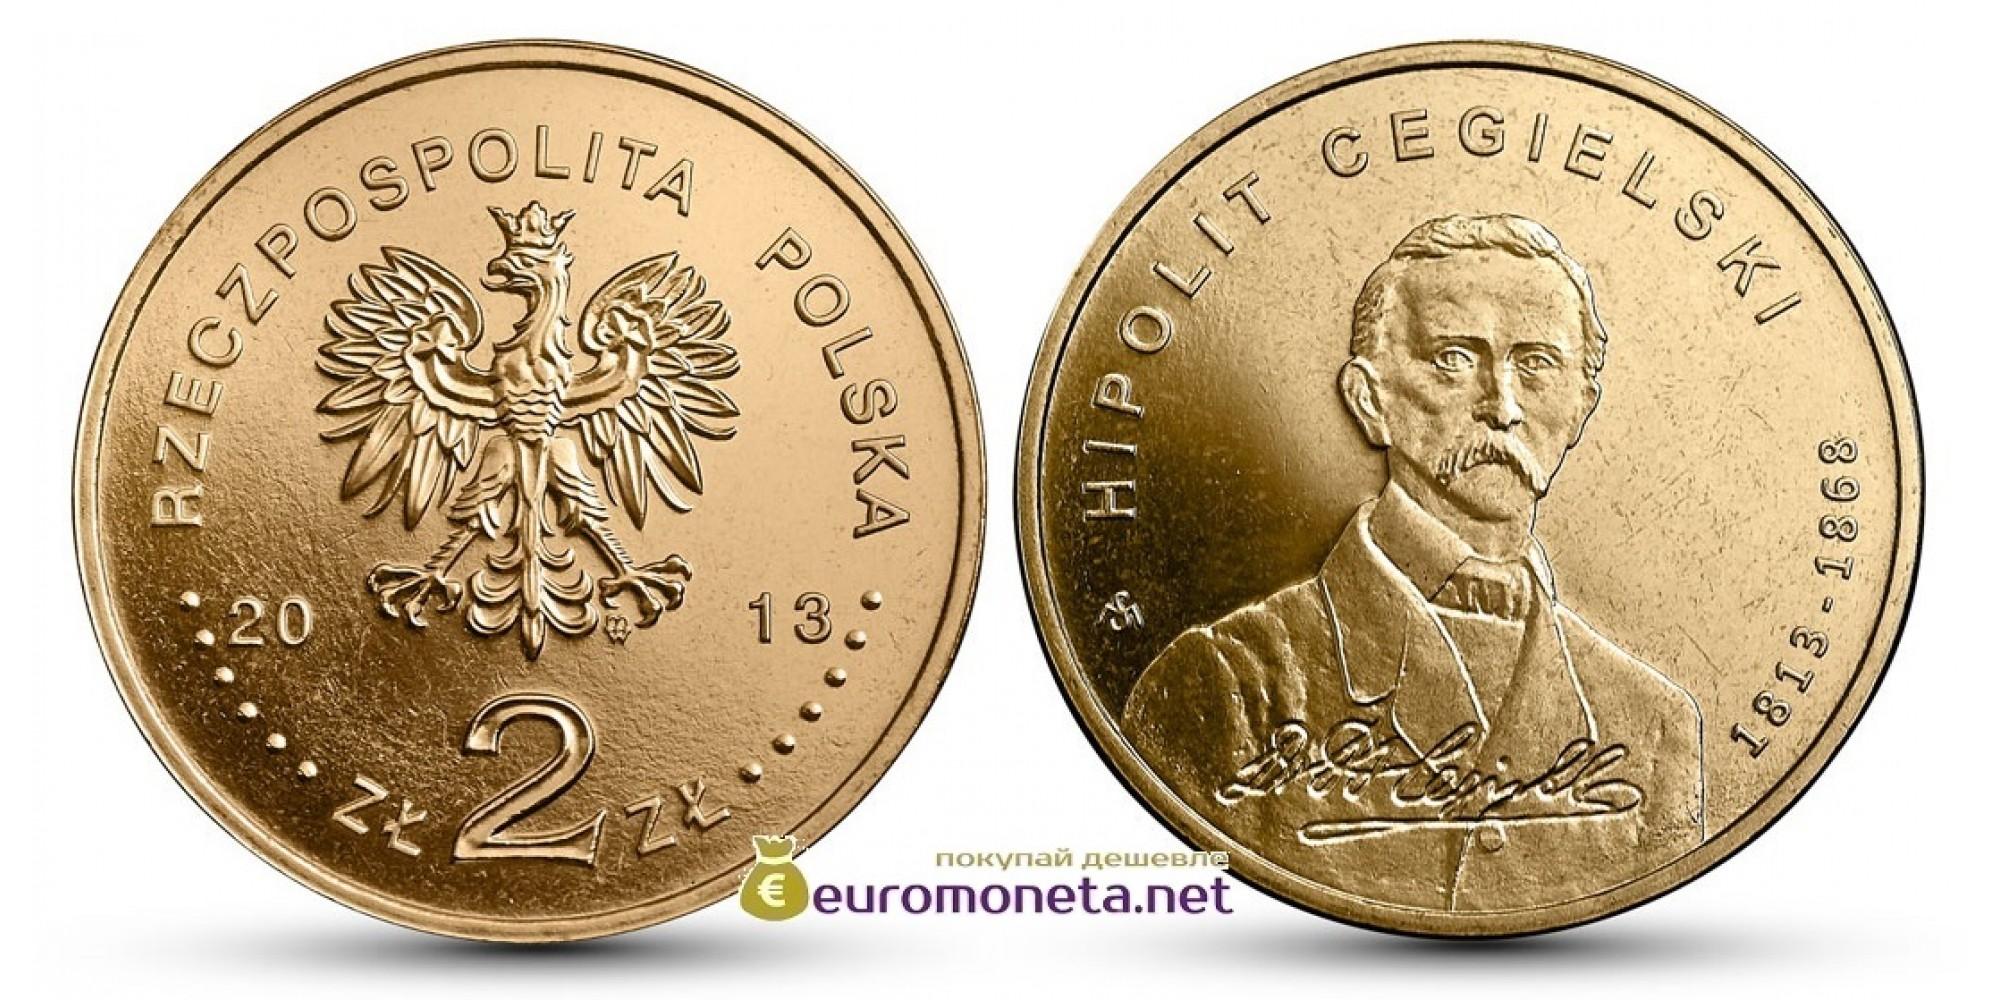 Польша 2 злотых 2013 год 200-летие с рождения Хиполита Цегельского, АЦ из запайки